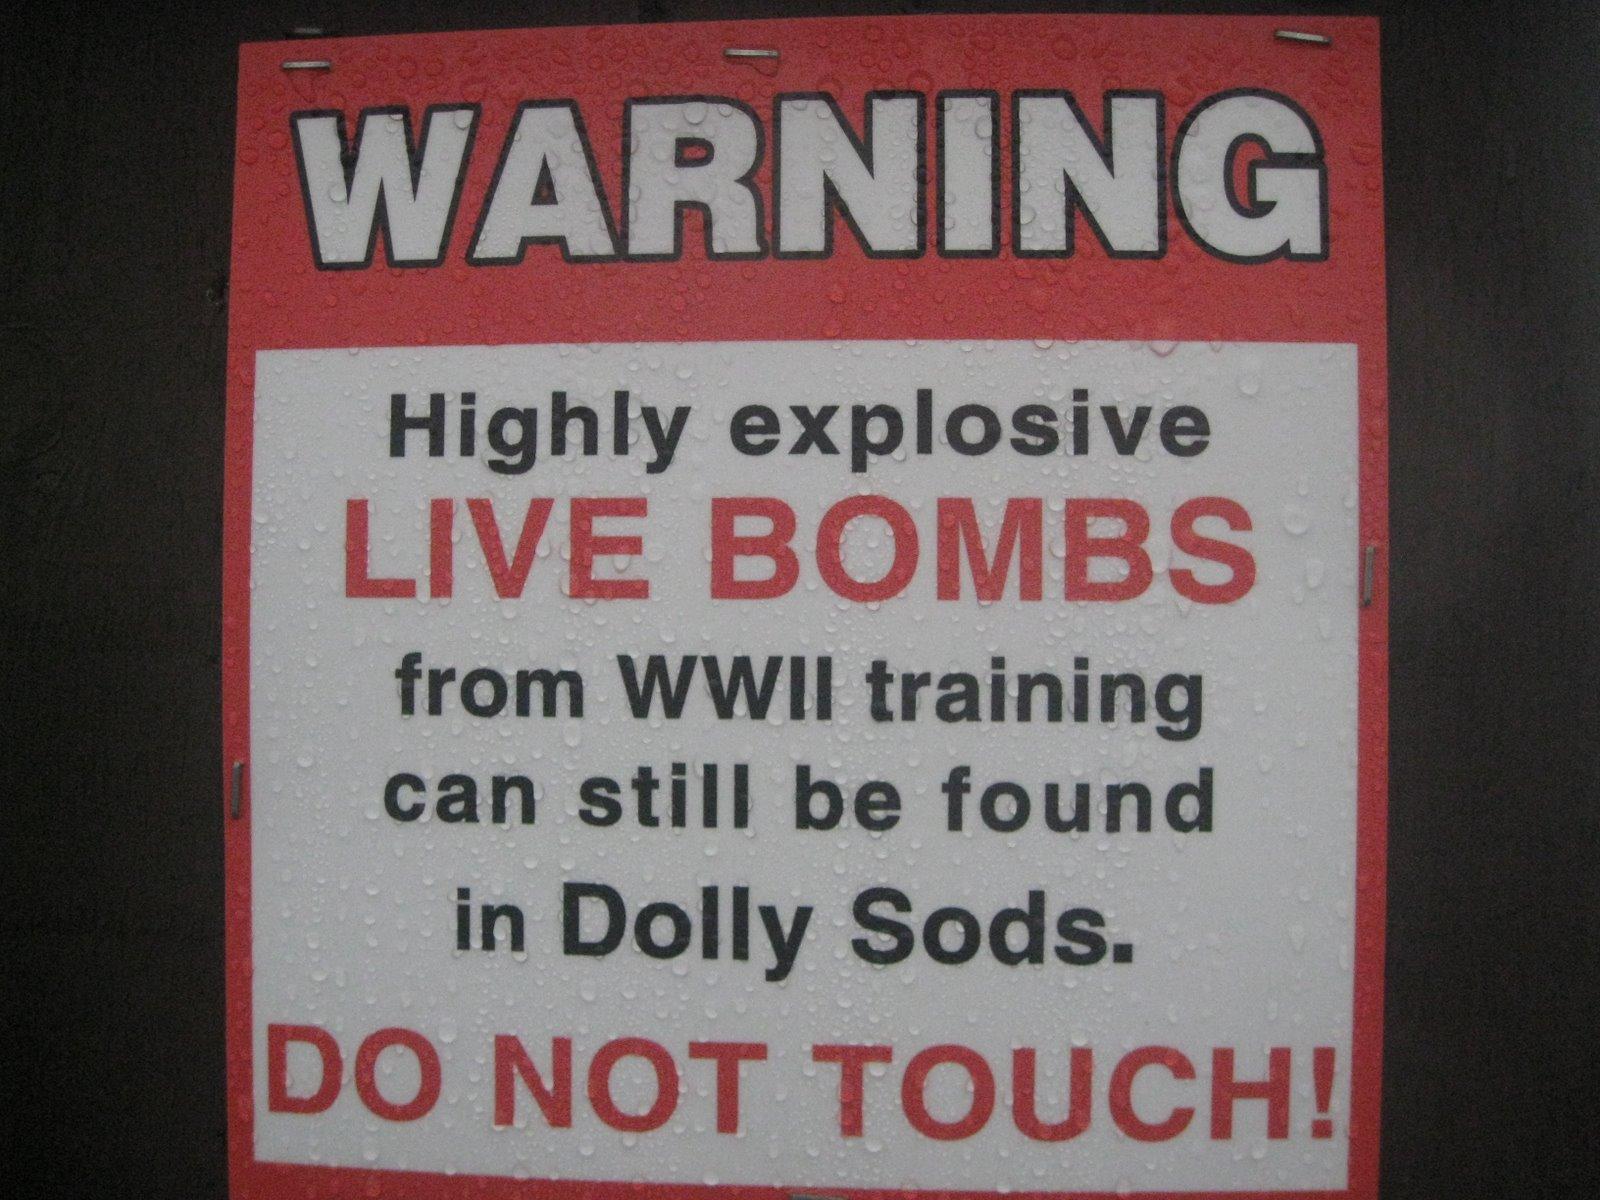 Dolly Sods 09-08 065.jpg